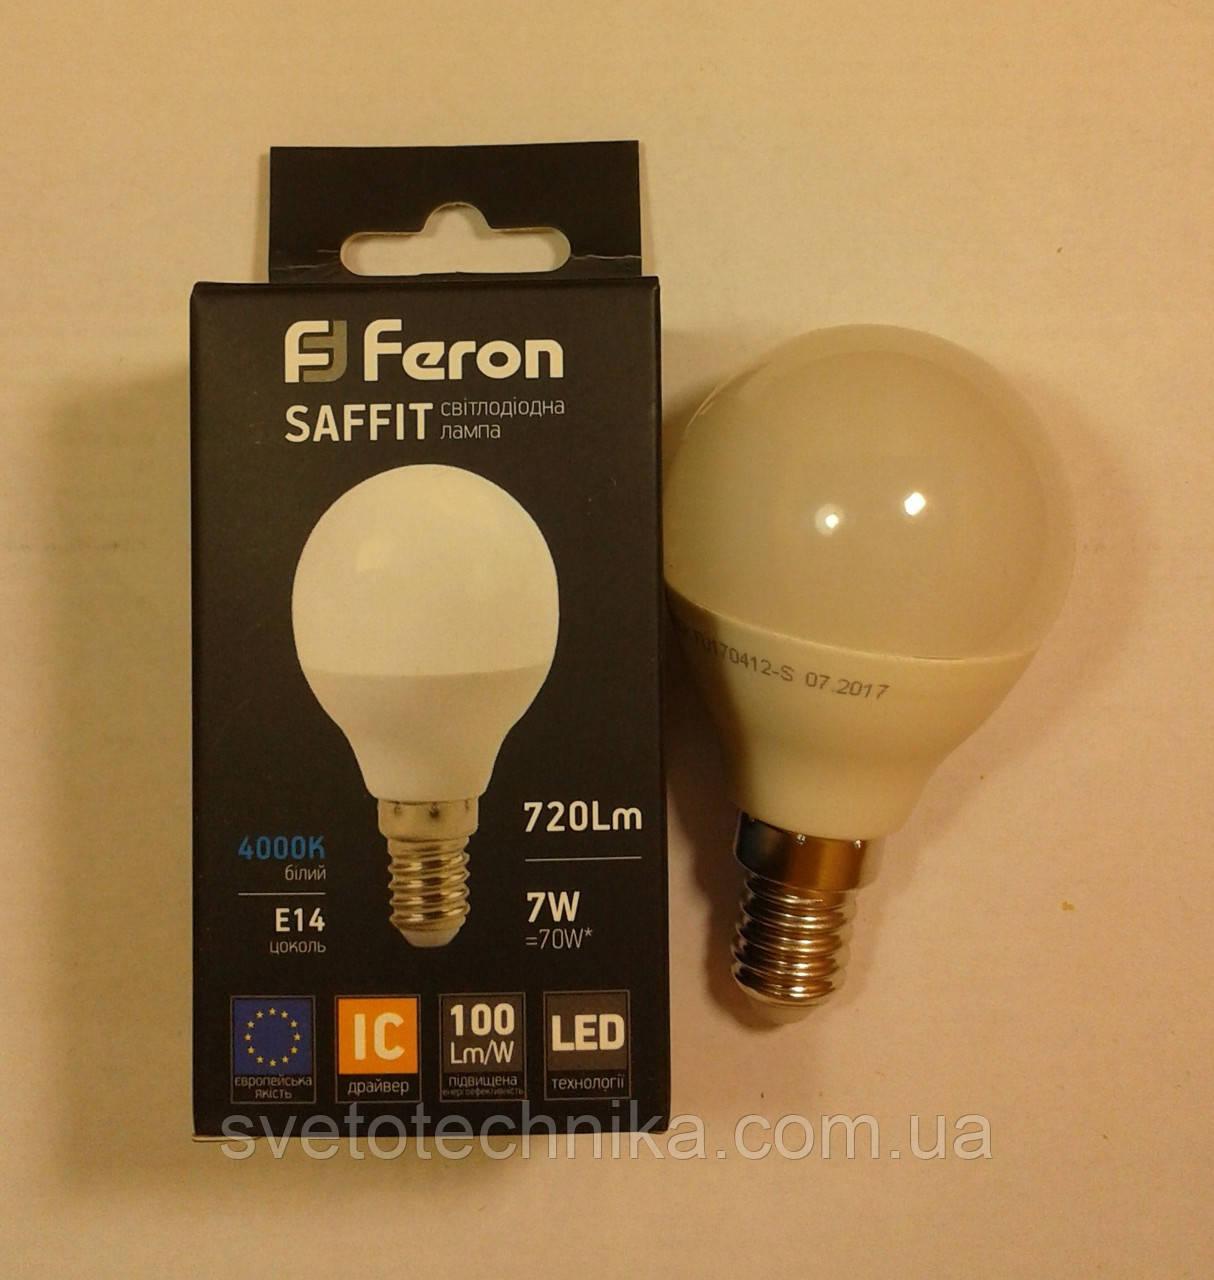 Светодиодная лампа Feron LB195 E14 7W 4000К